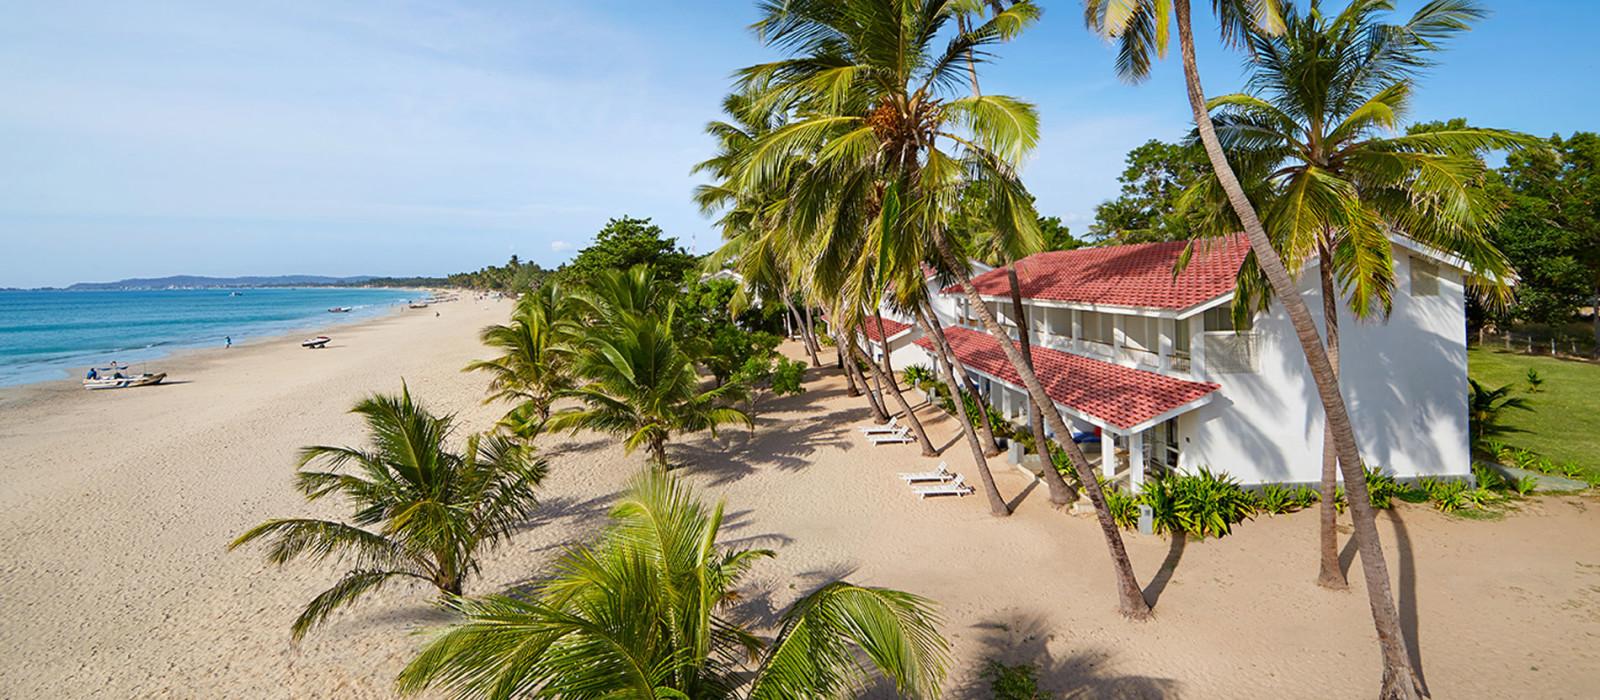 Hotel Trinco Blu by Cinnamon Sri Lanka